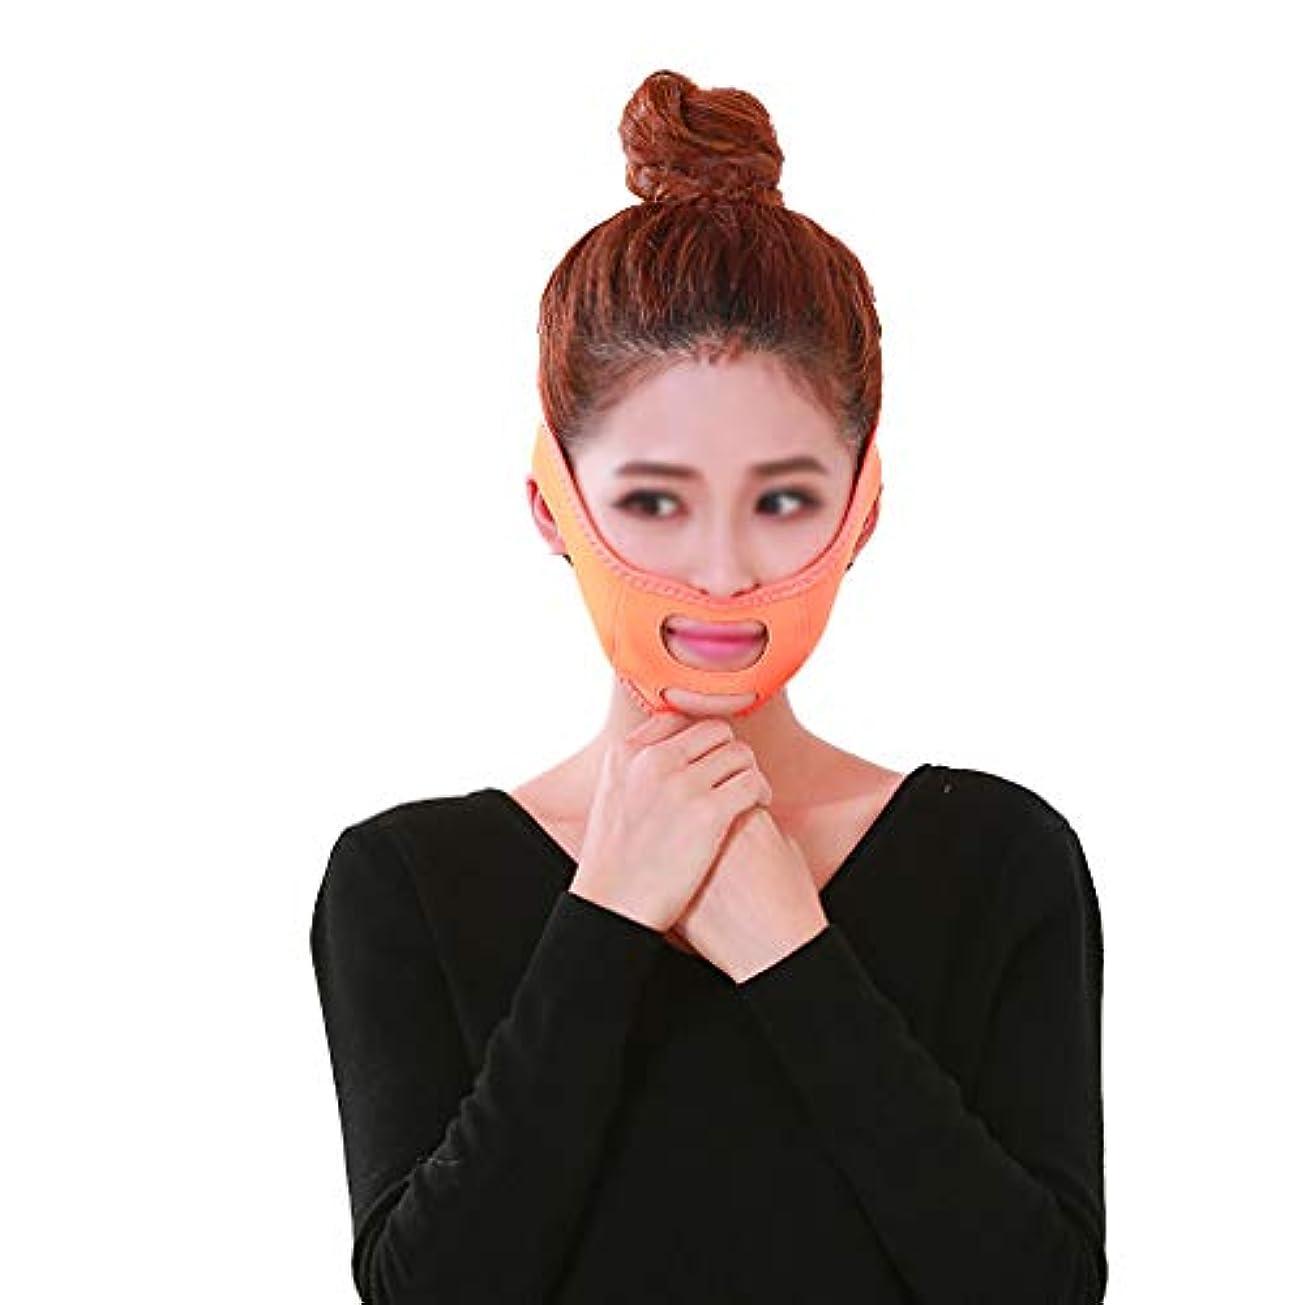 軍応じるマイナスフェイスリフトフェイシャル、肌のリラクゼーションを防ぐVフェイスマスクVフェイスアーチファクトフェイスリフト包帯フェイスケア (Color : Orange)